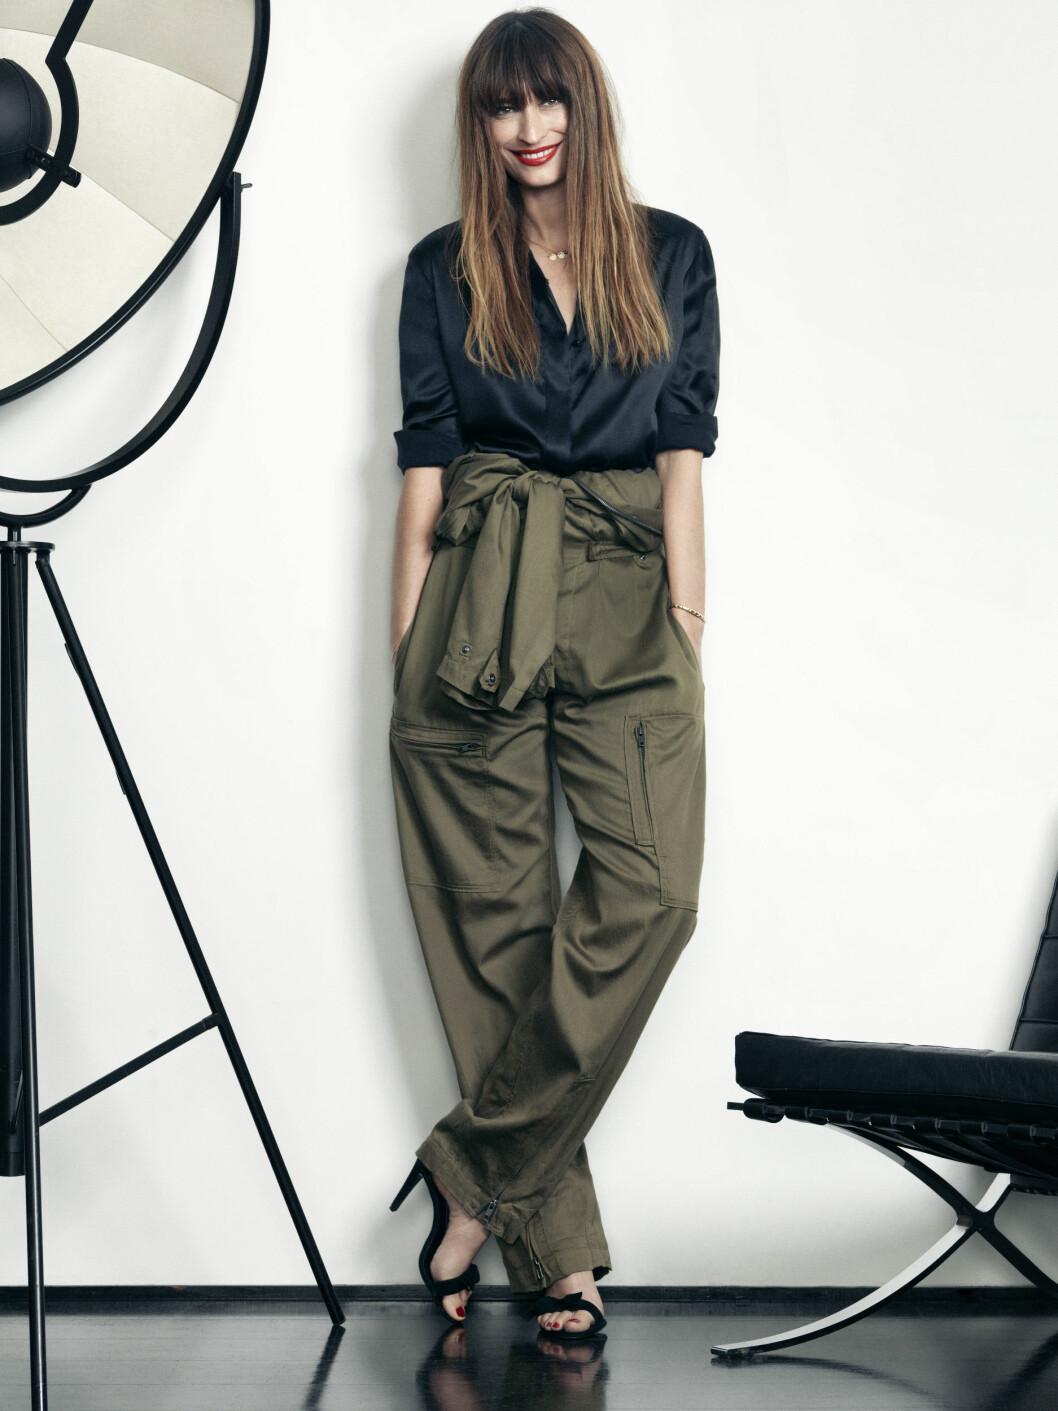 Caroline er kjent for sin elegante, men avslappede tomboy-stil og sin forkjærlighet for herre-T-skjorter, skinn og jeans. Foto: Nico for LancỘme